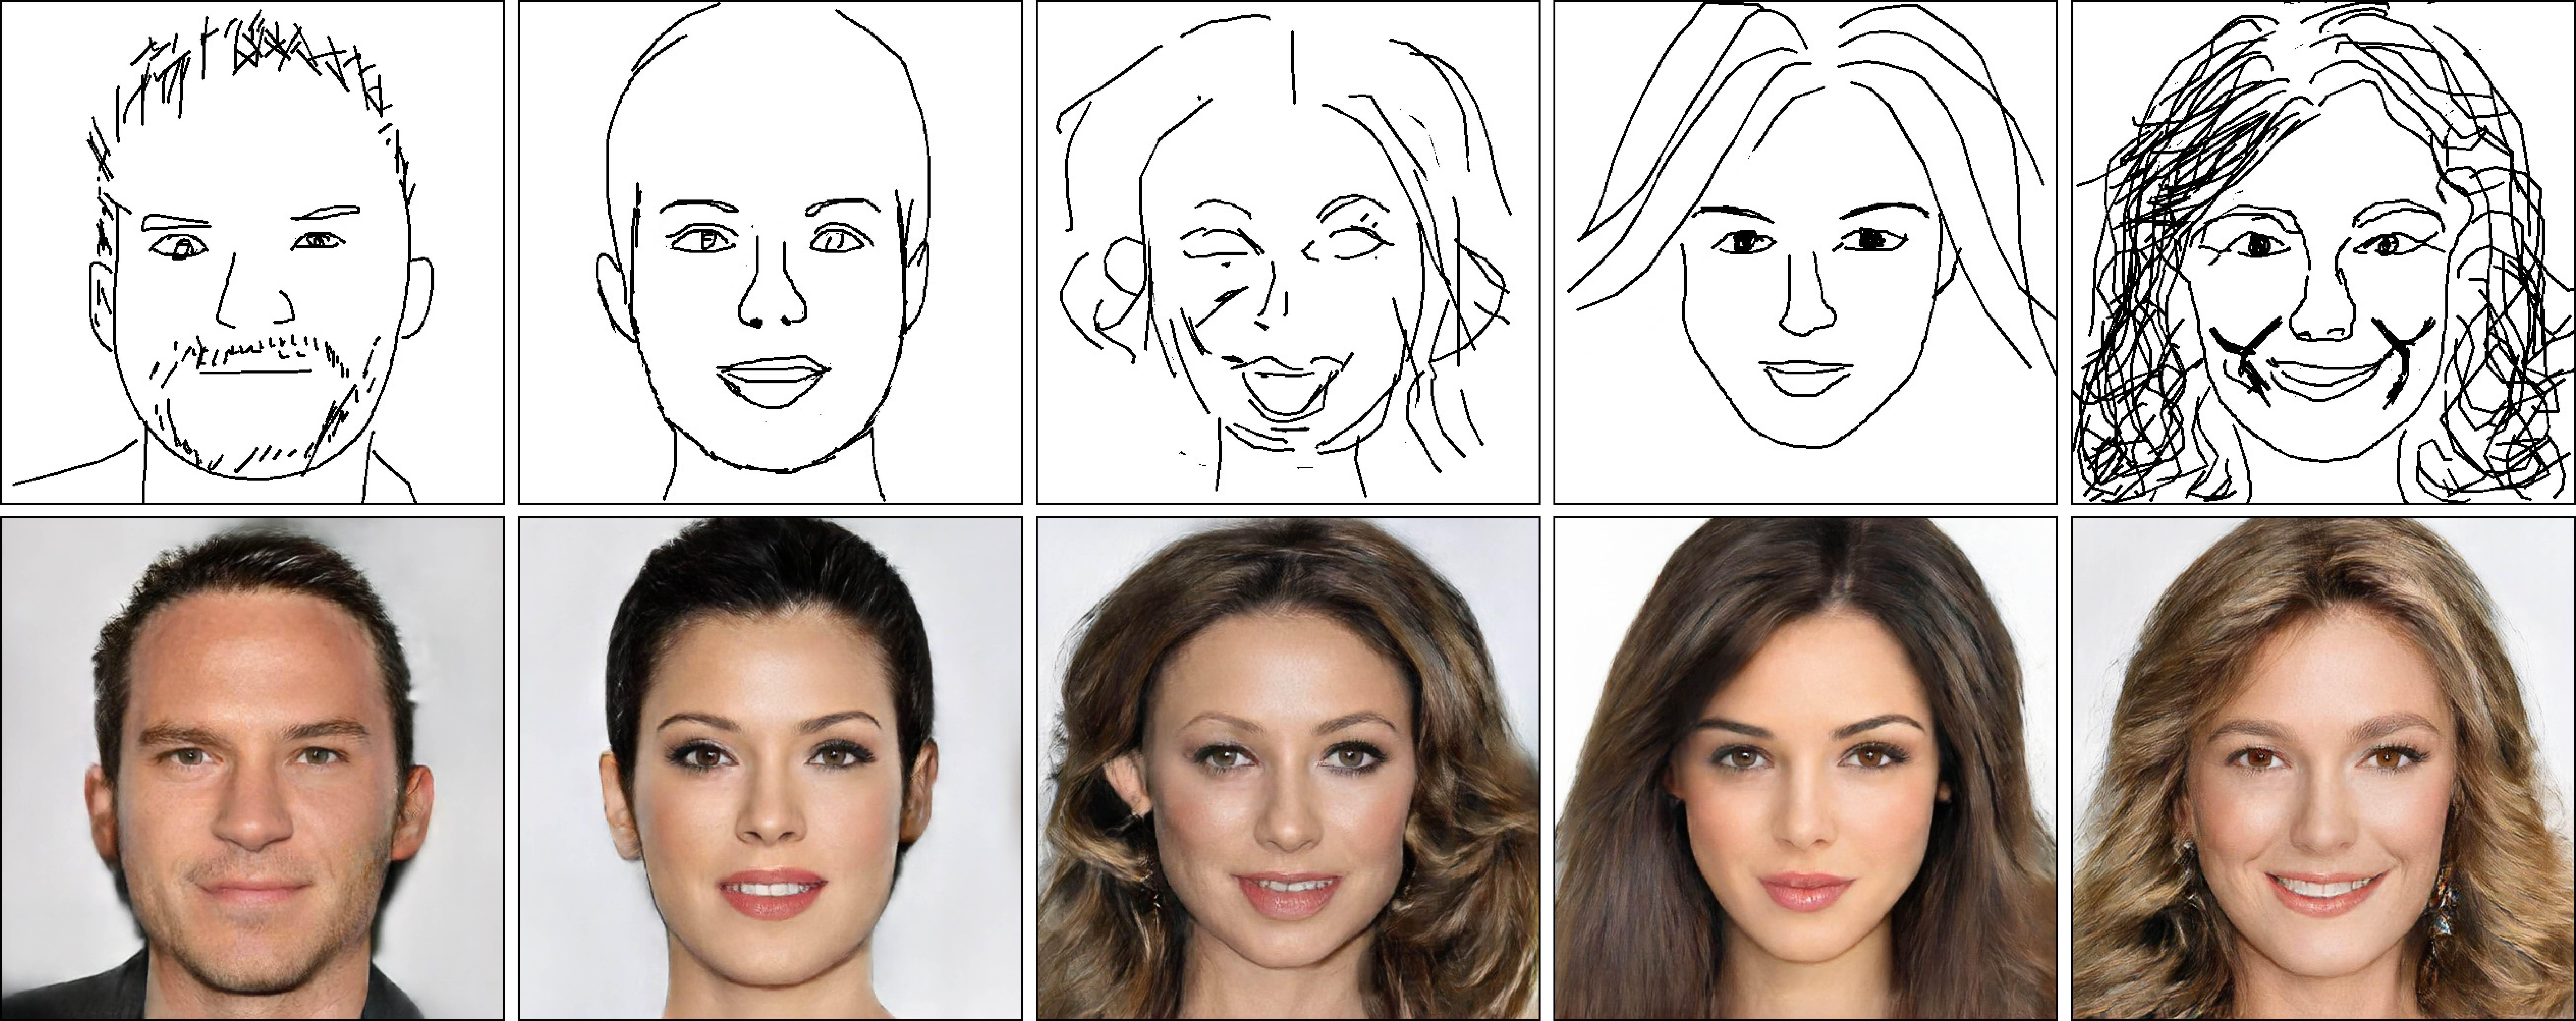 Face- Facial Recognition